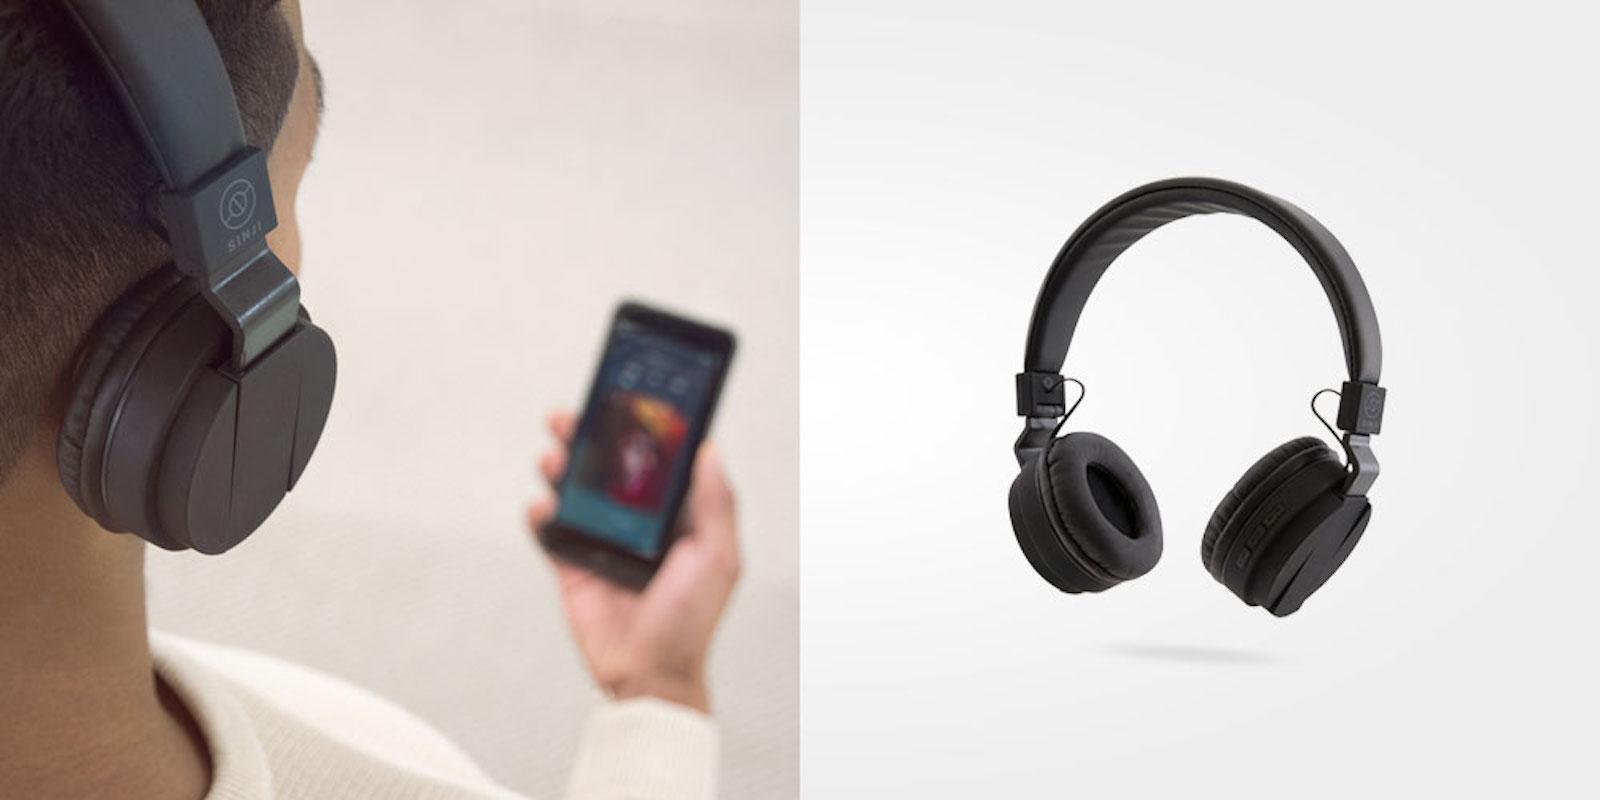 Sinji Headphones